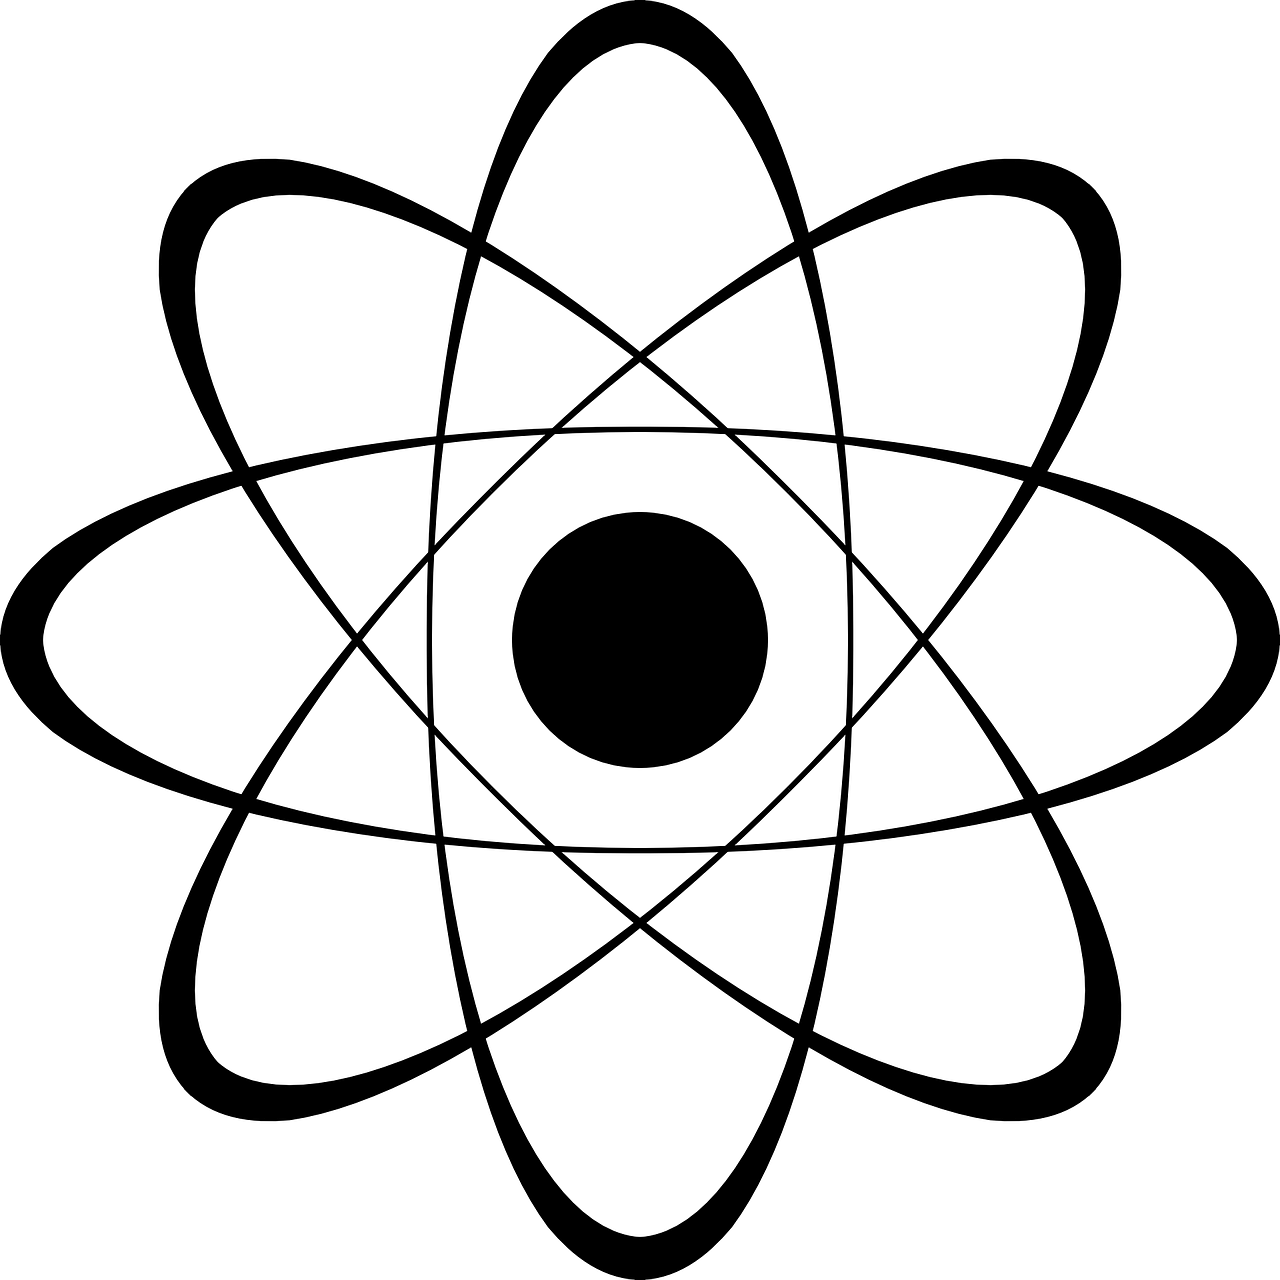 シュレディンガー方程式の意味と電子軌道の計算